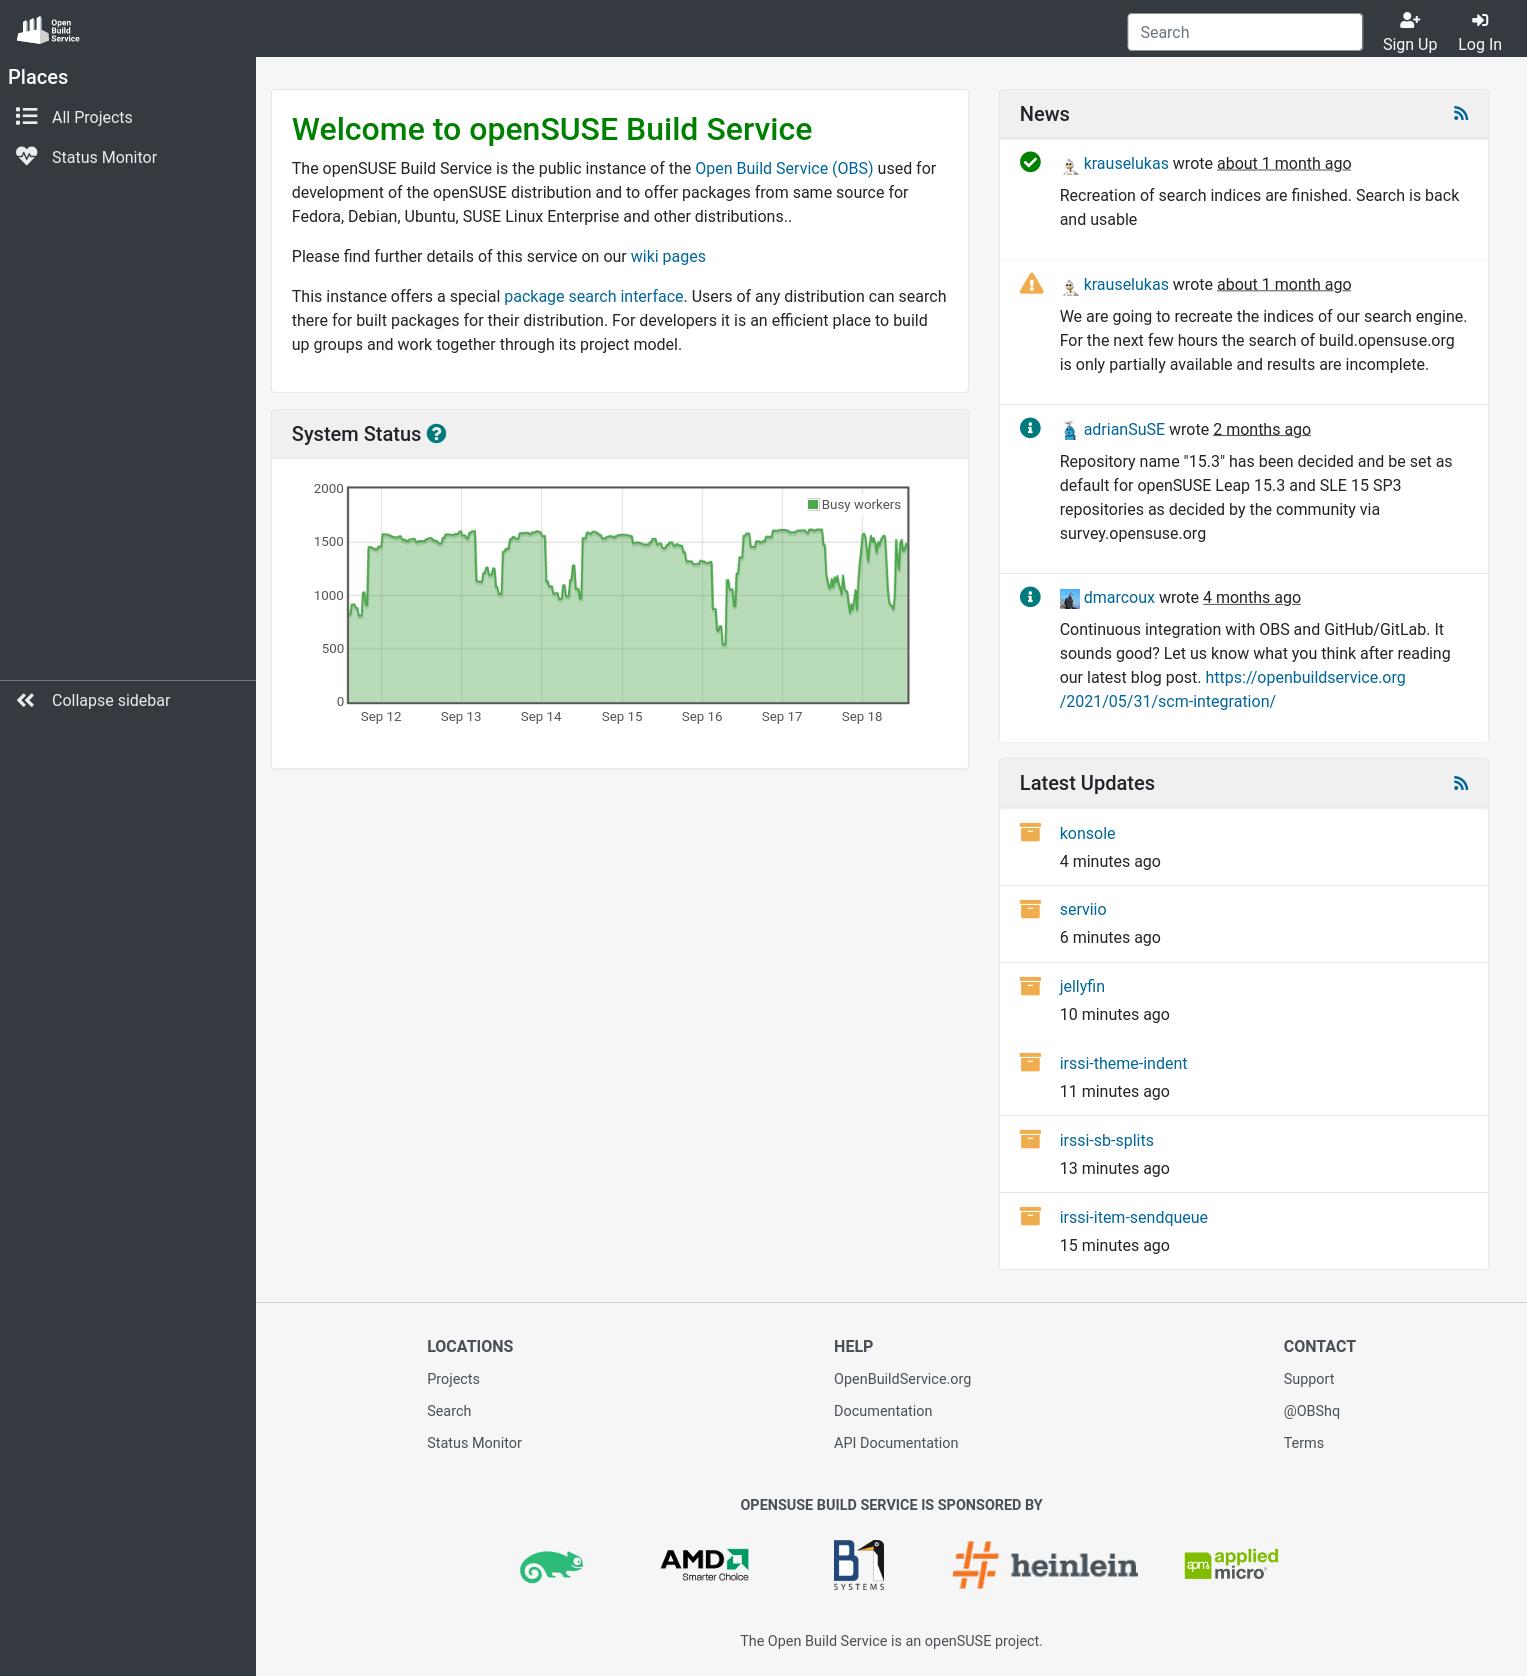 Open Build Service - Wikipedia